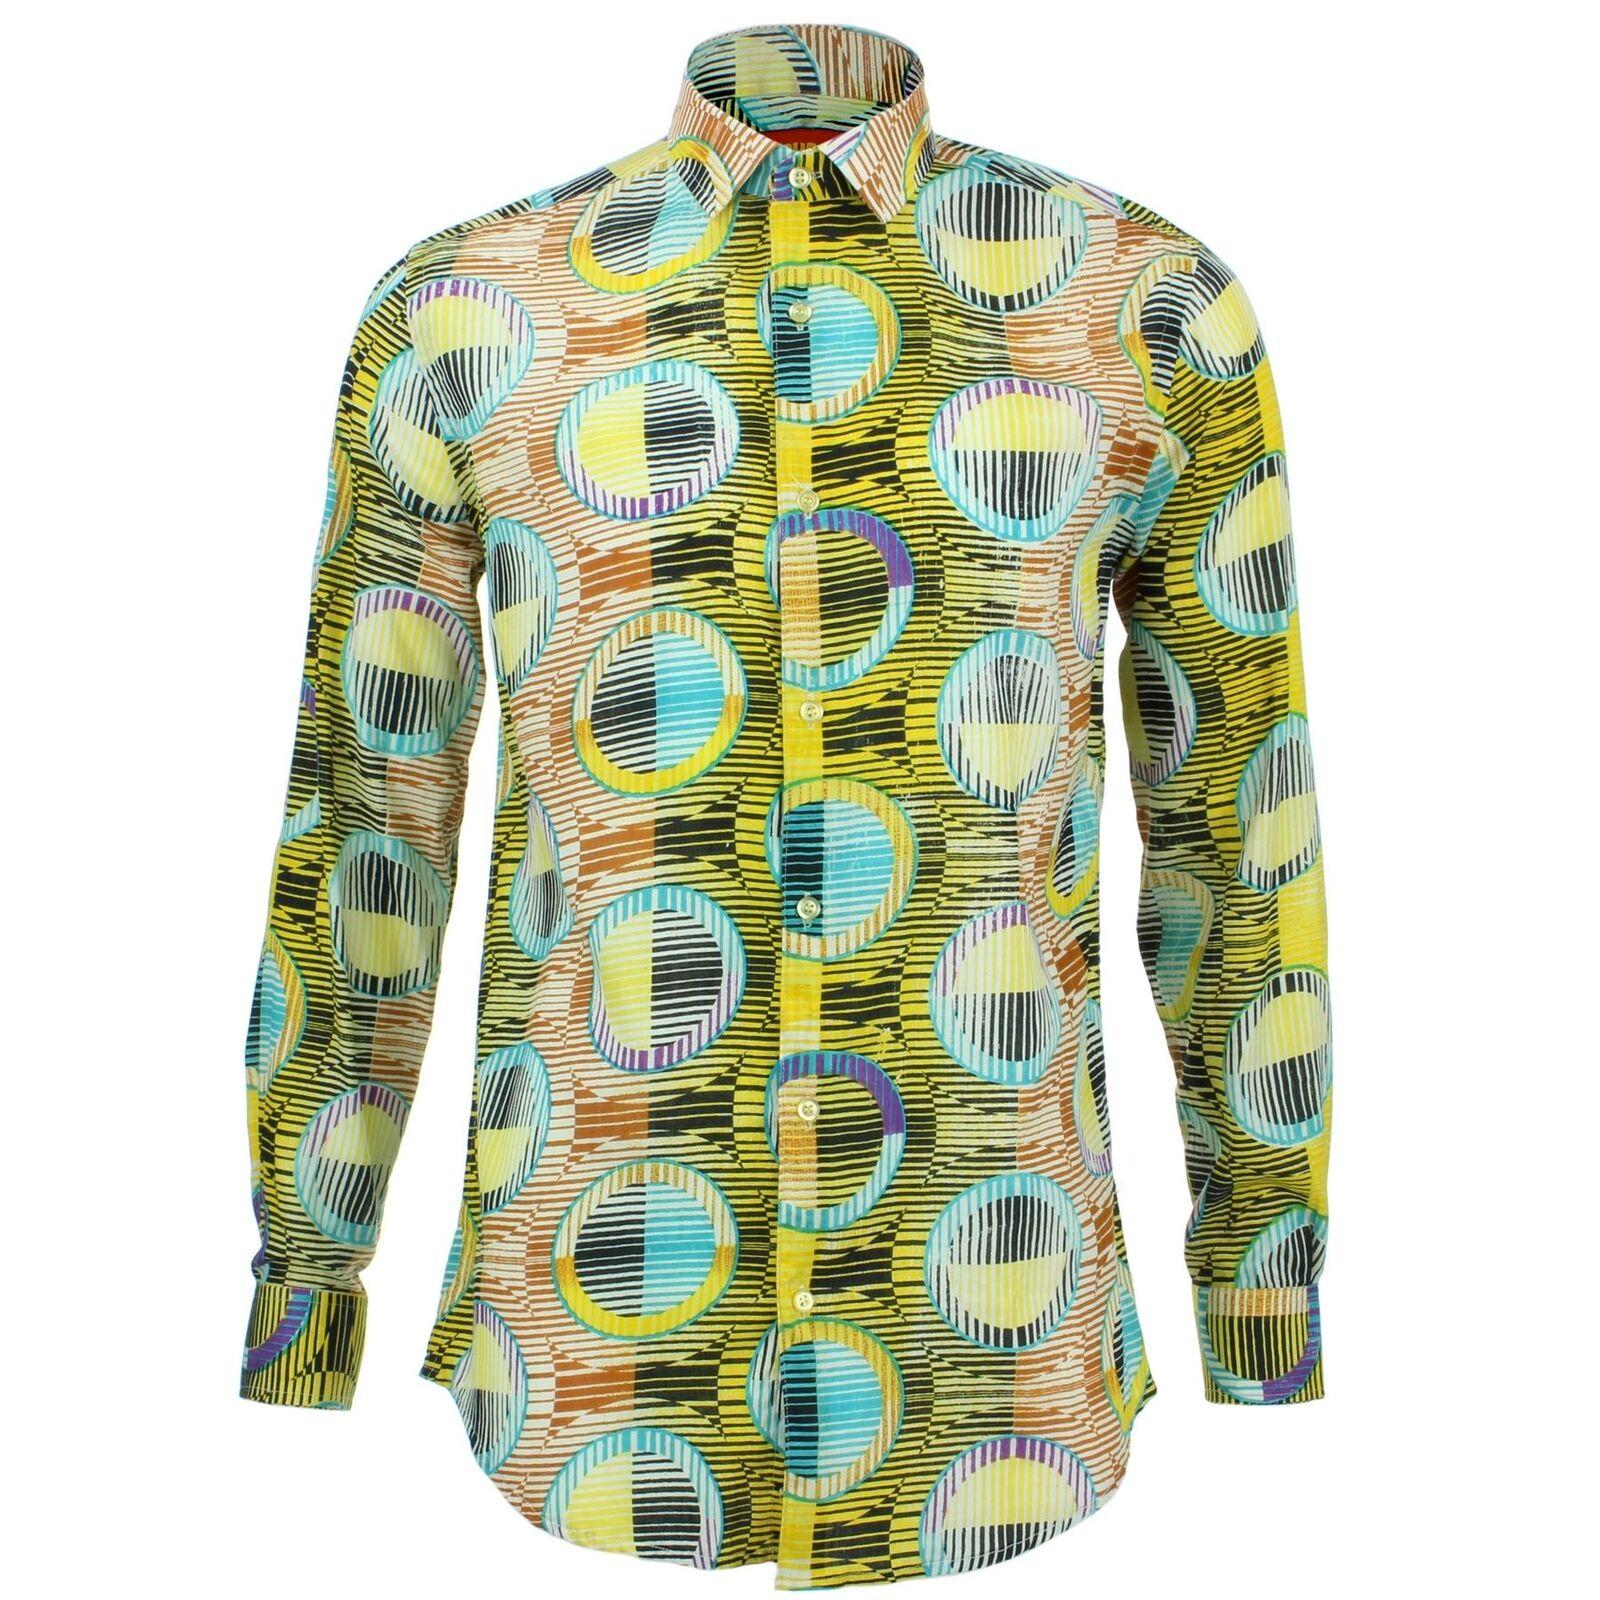 hot sale online 49647 fff52 Camicia da uomo Loud ORIGINALS fatto su misura misura misura ...